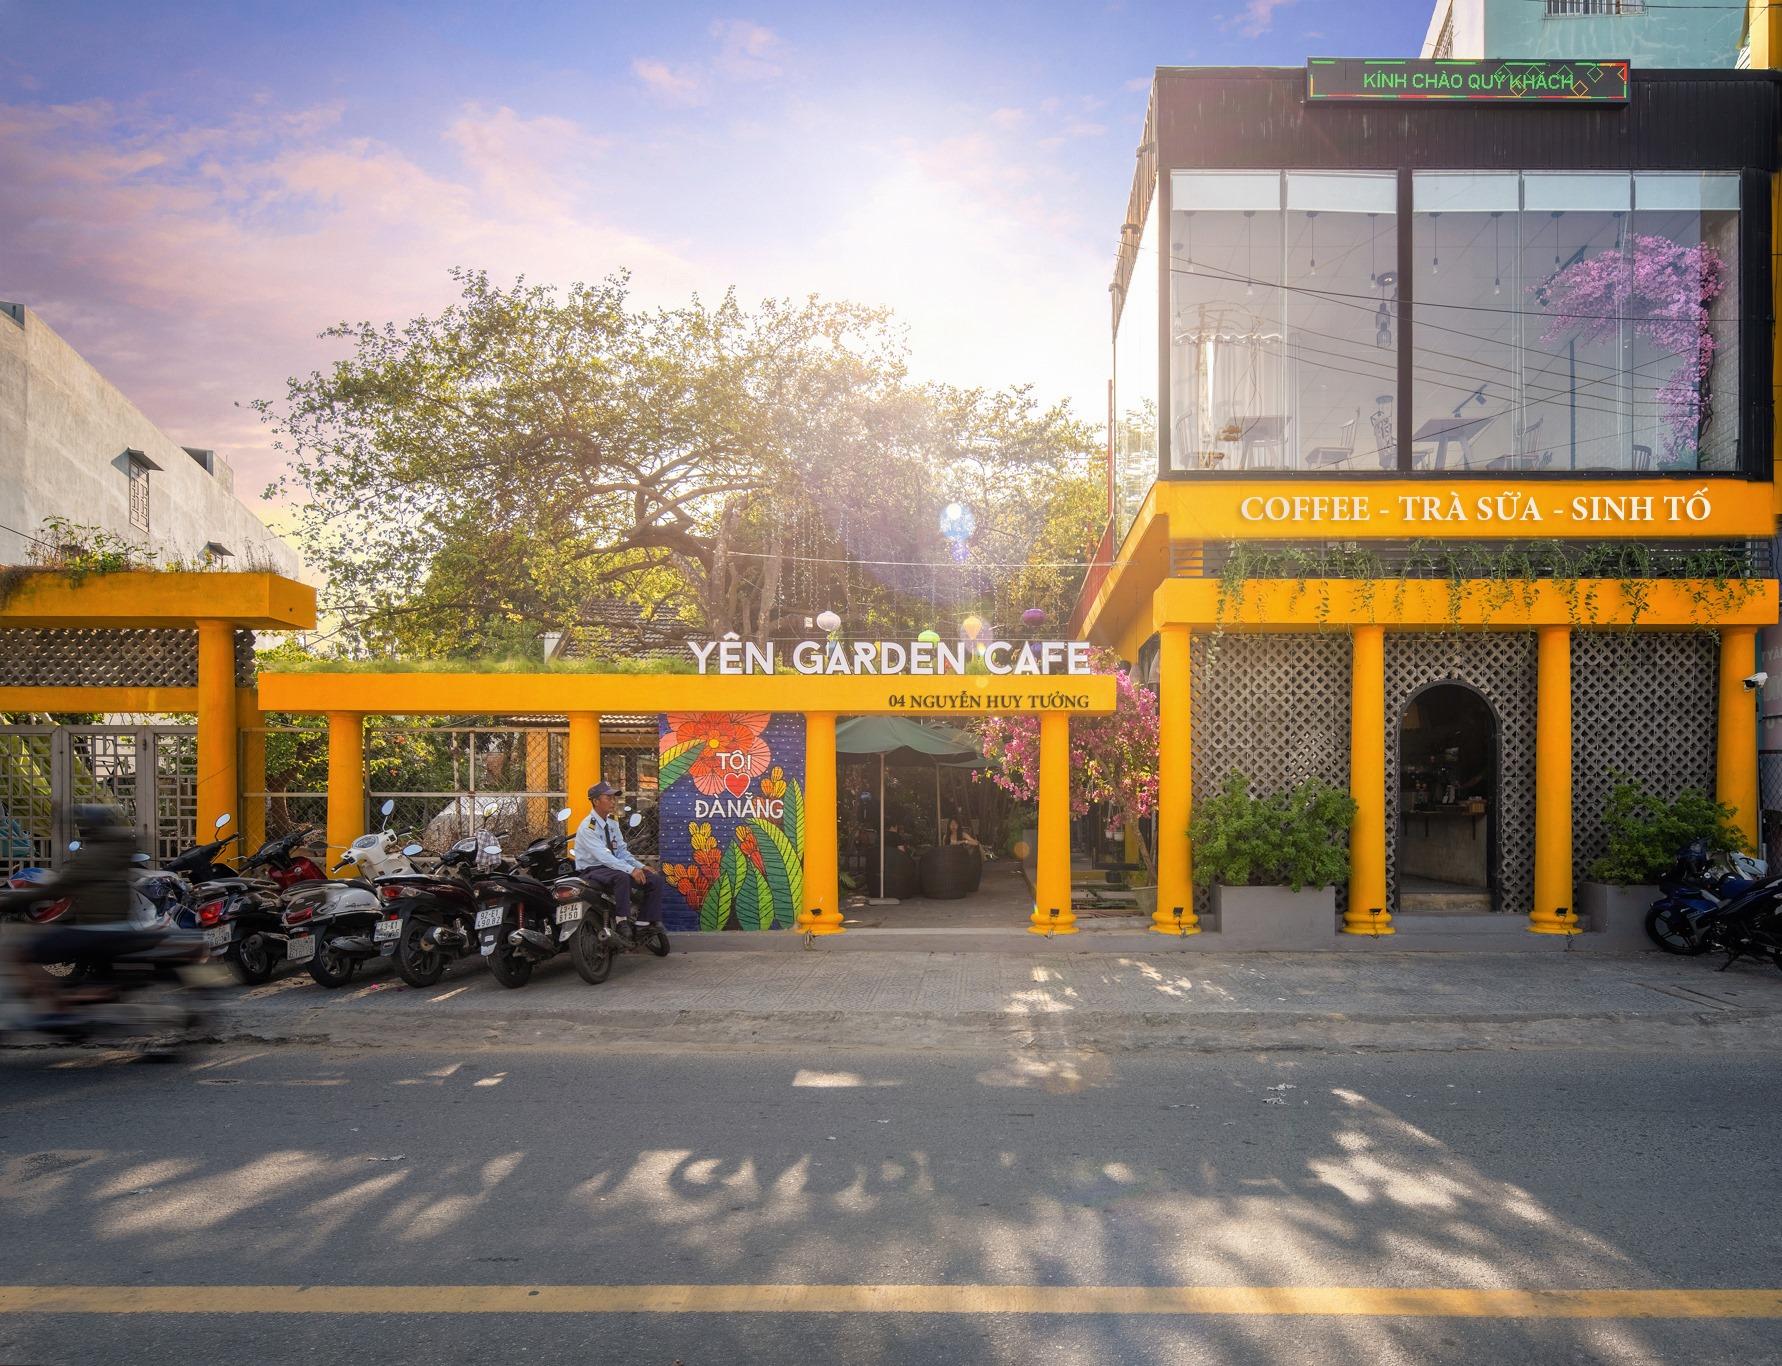 Yên Garden Cafe - 4, Nguyễn Huy Tưởng, Liên Chiểu, Đà Nẵng